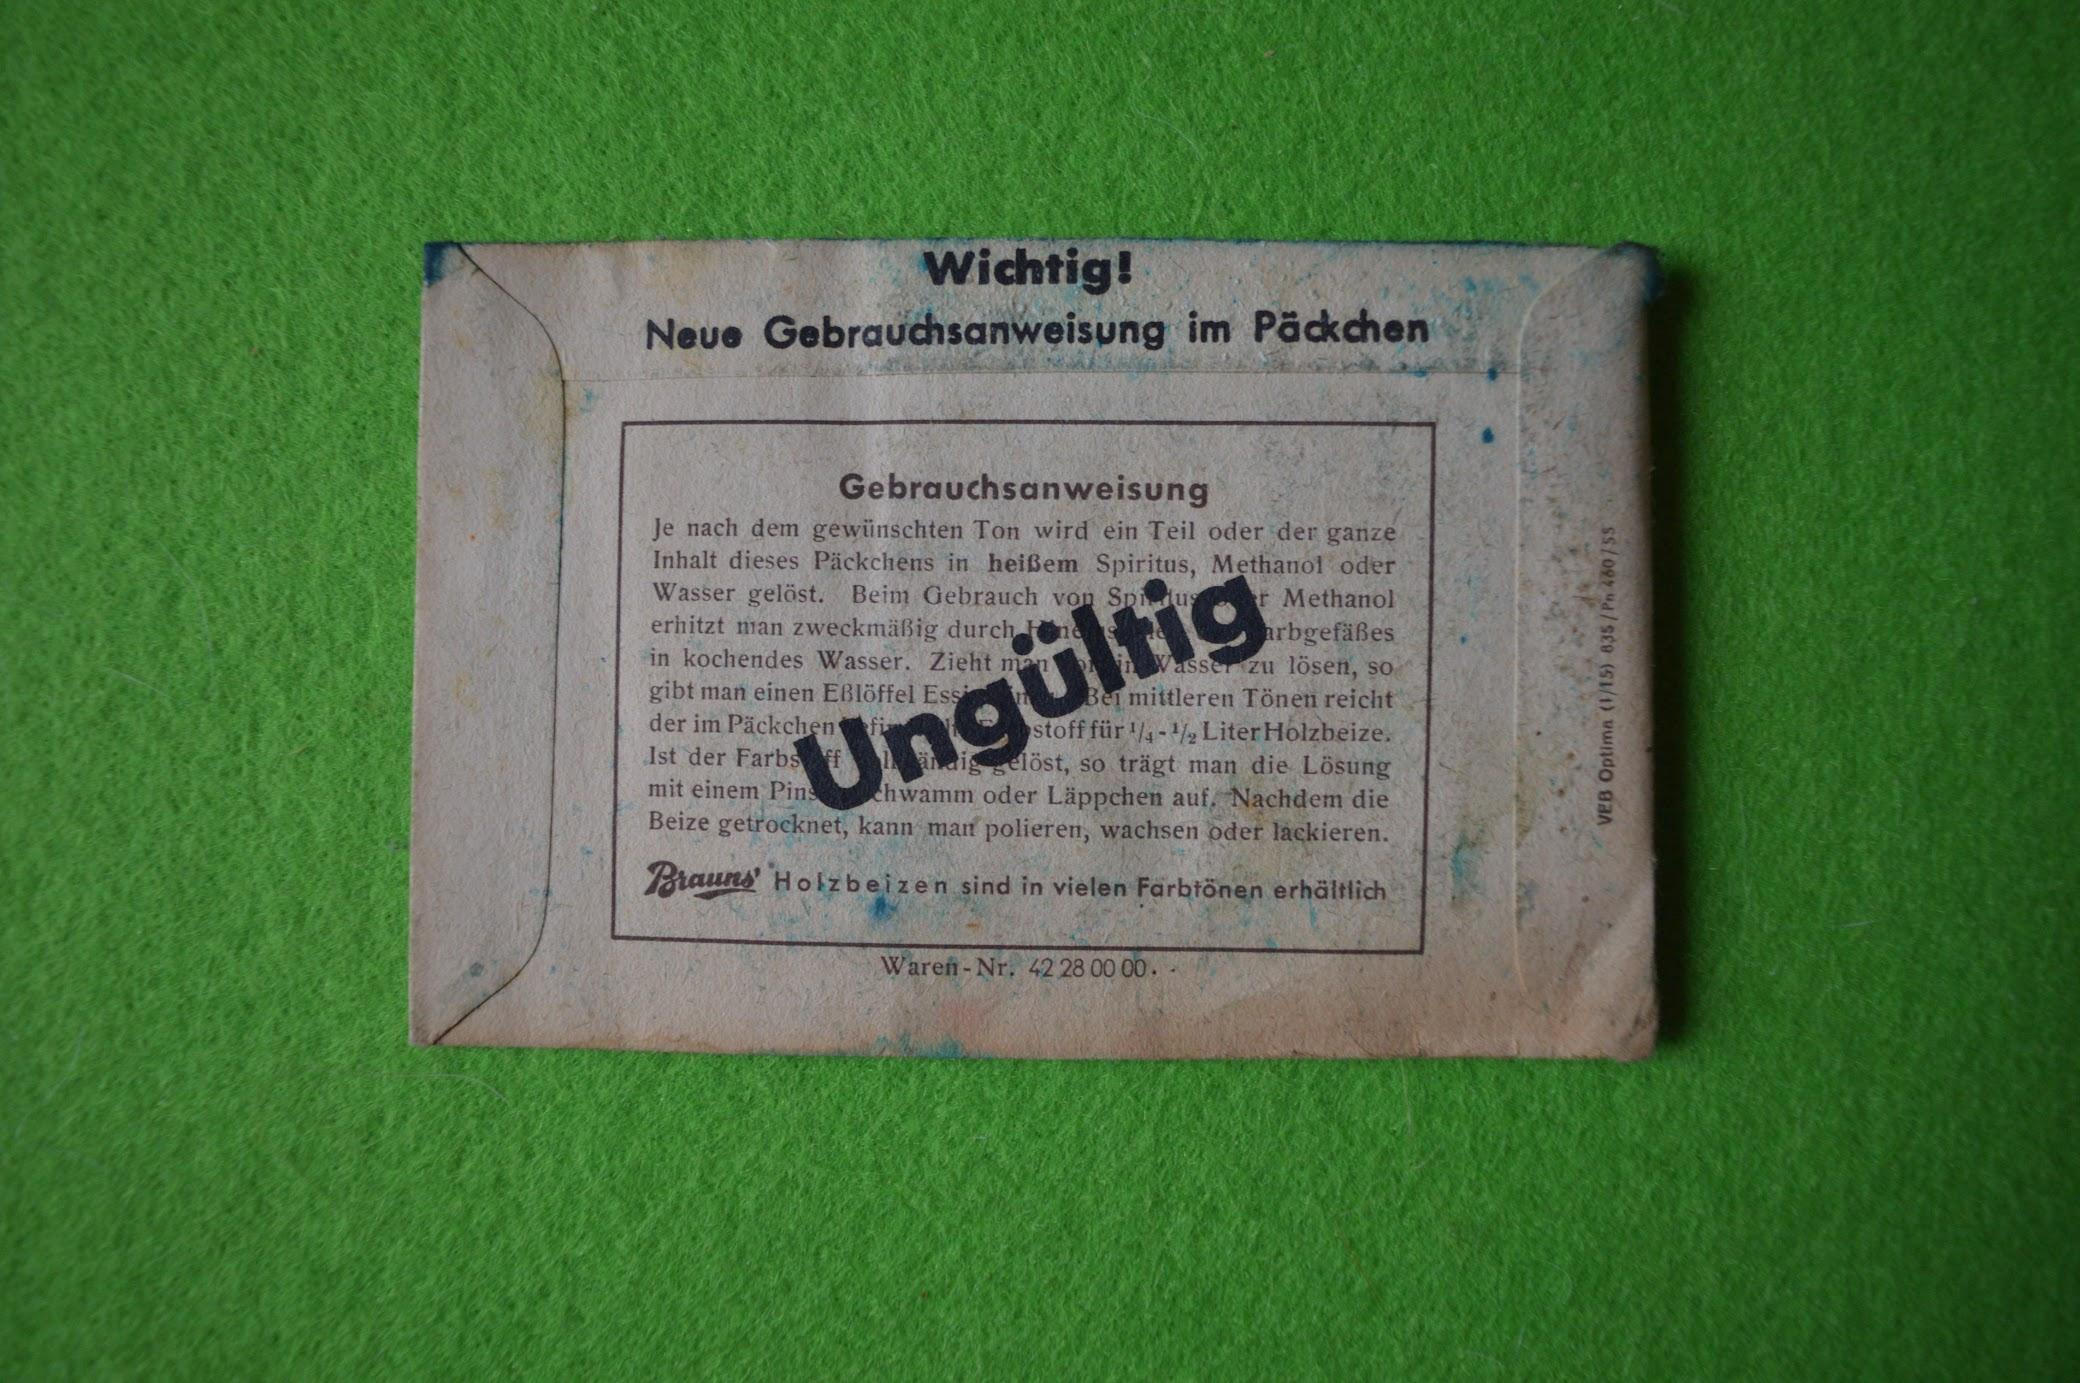 Brauns' Holz-Beizen, Quedlinburg, Lichtblau 020